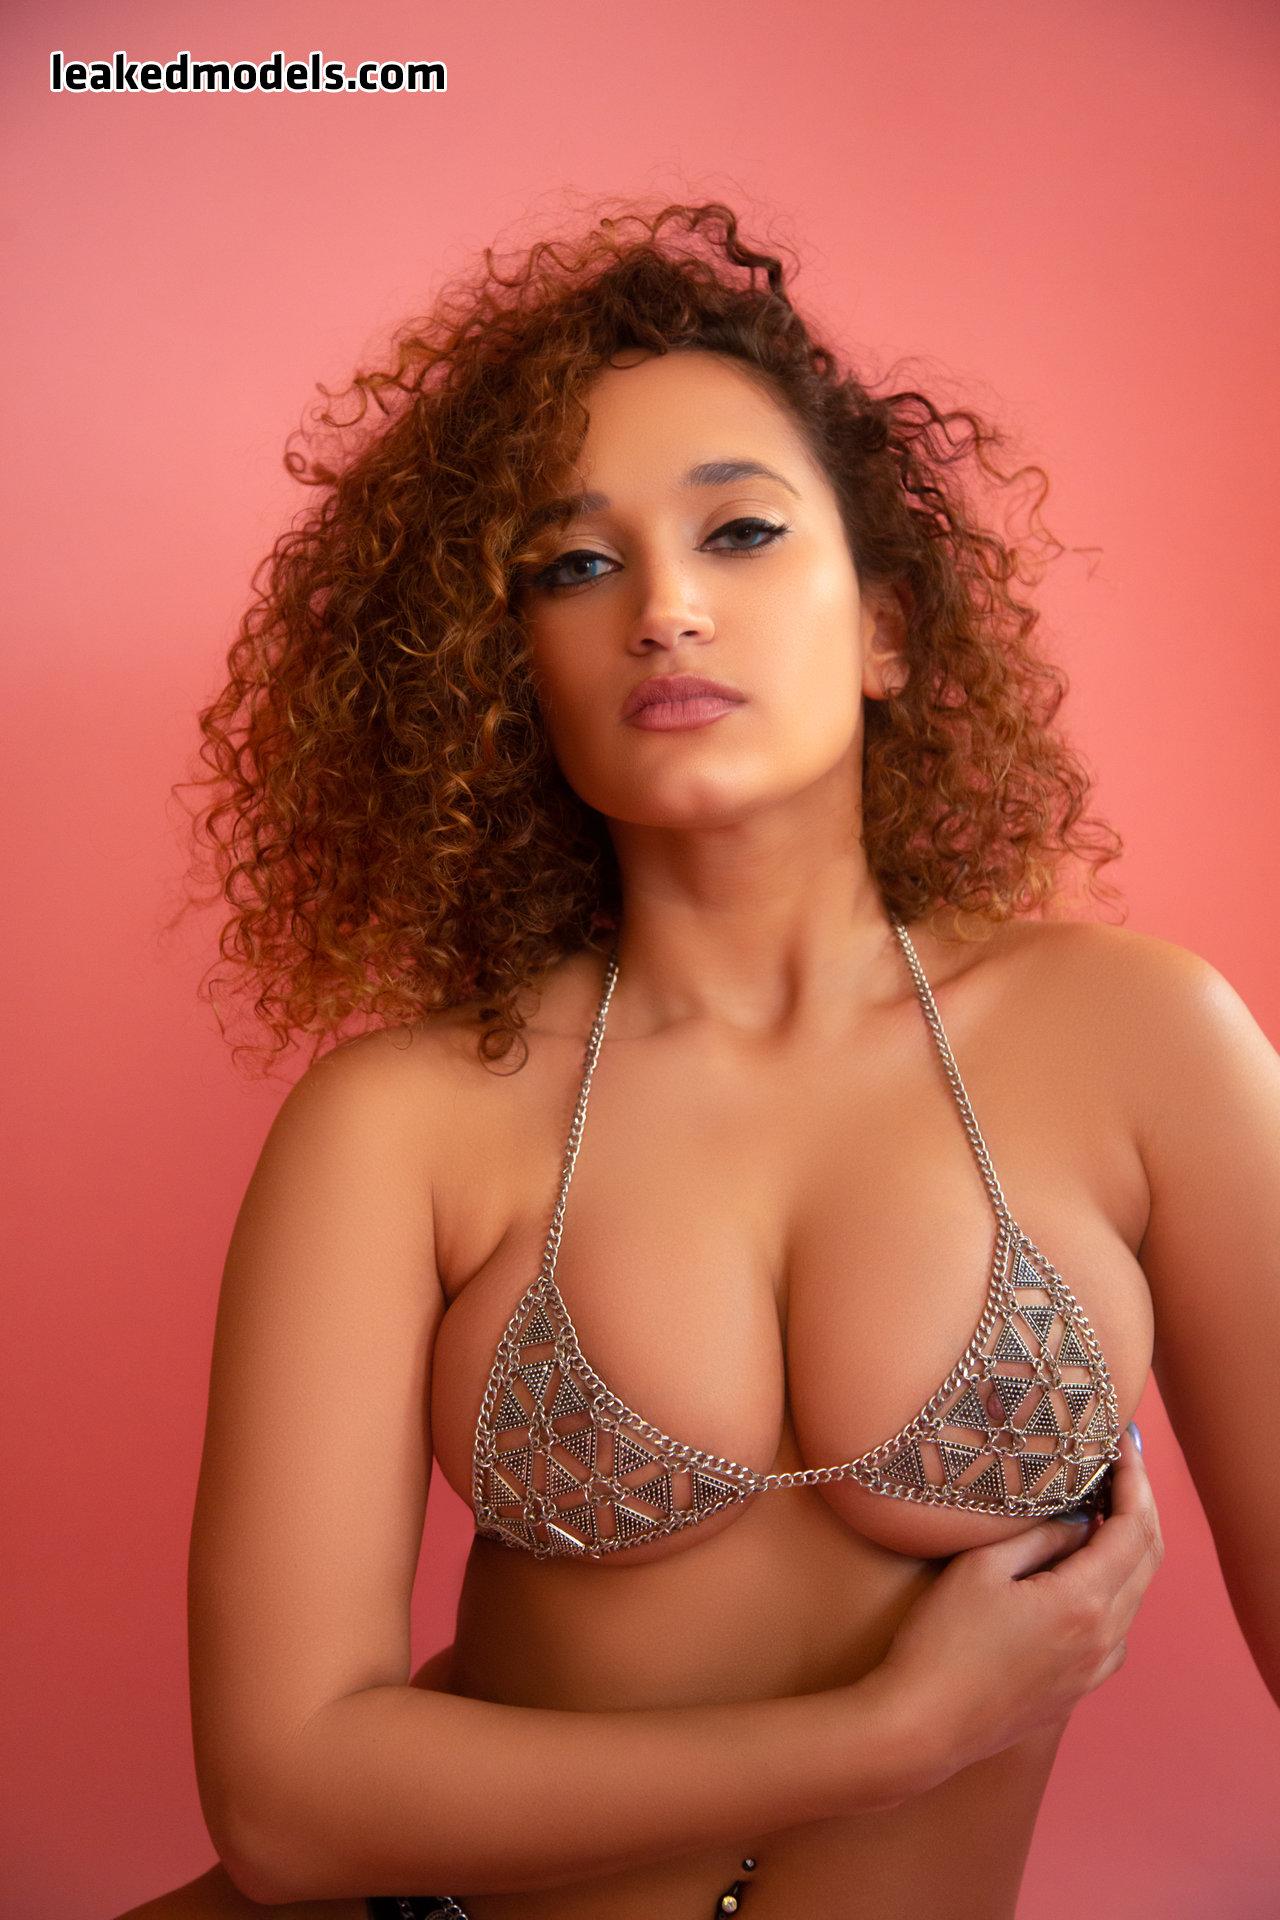 shelby lyn leaked nude leakedmodels.com 0025 - Shelby Lyn – theshelbylyn Instagram Nude Leaks (33 Photos)